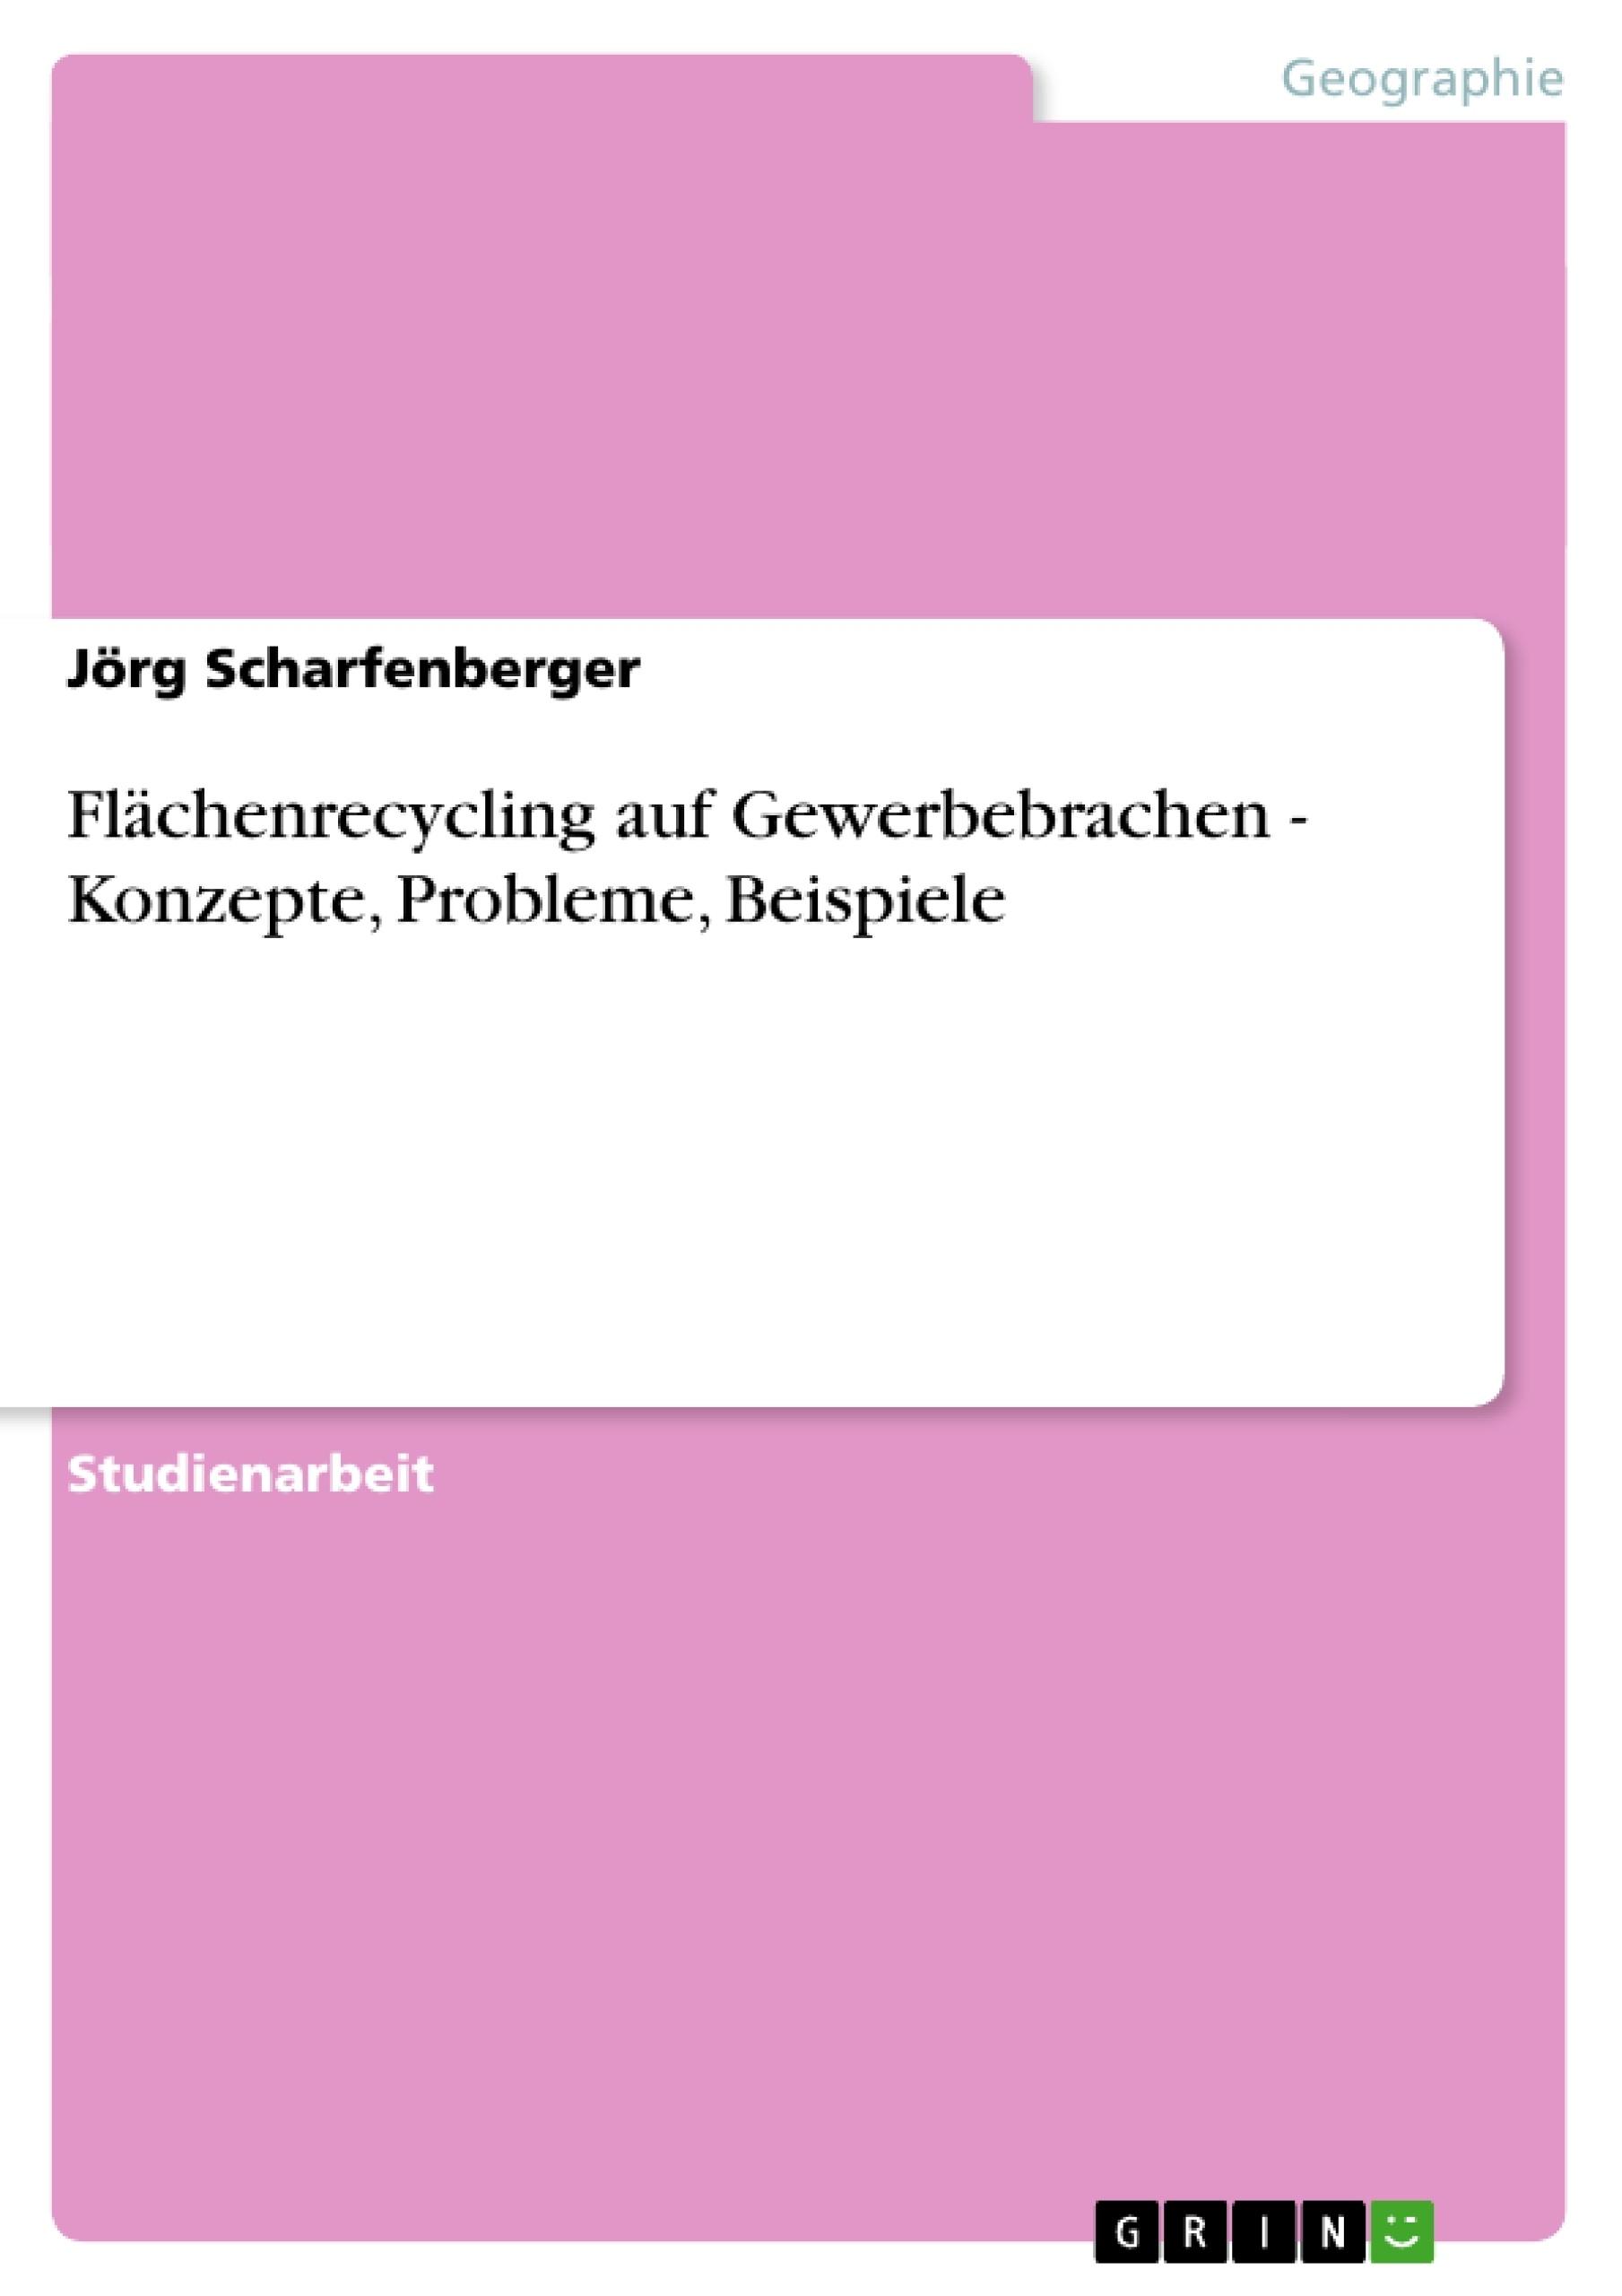 Titel: Flächenrecycling auf Gewerbebrachen - Konzepte, Probleme, Beispiele